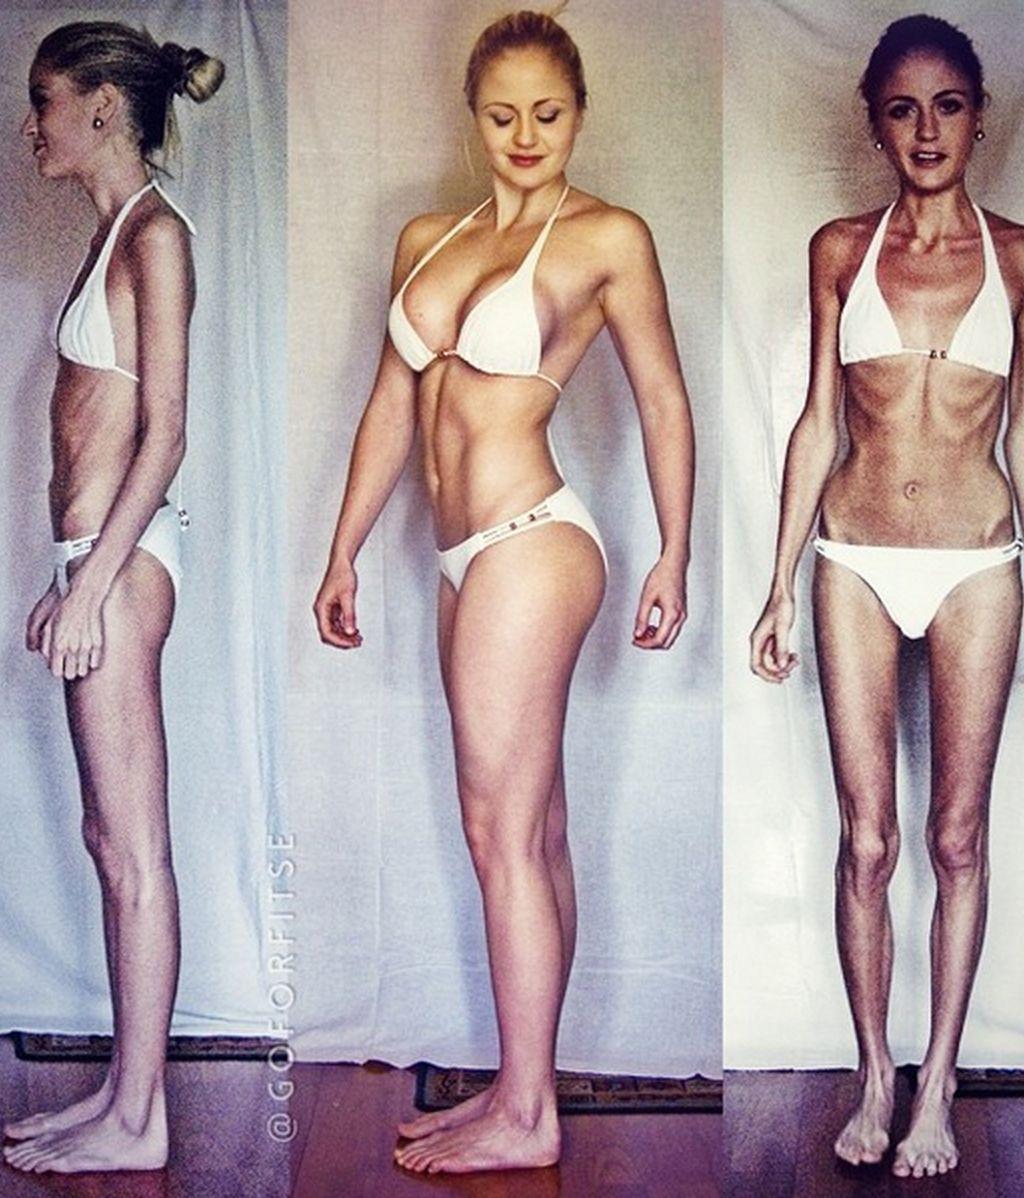 La increíble recuperación de una joven con anorexia gracias al levantamiento de pesas